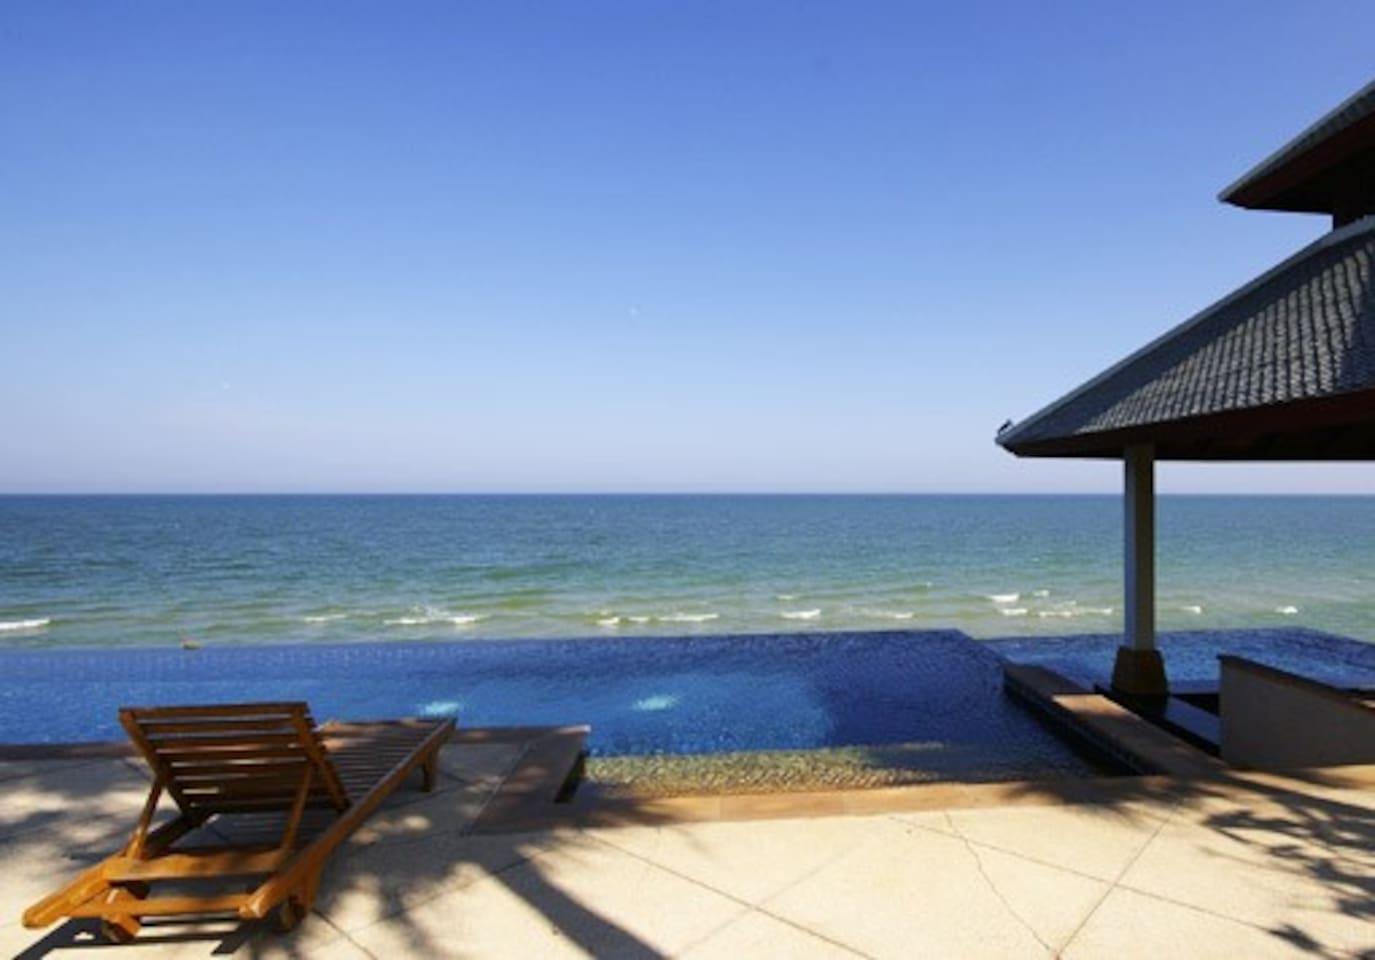 Infinity Pool with Ocean behind